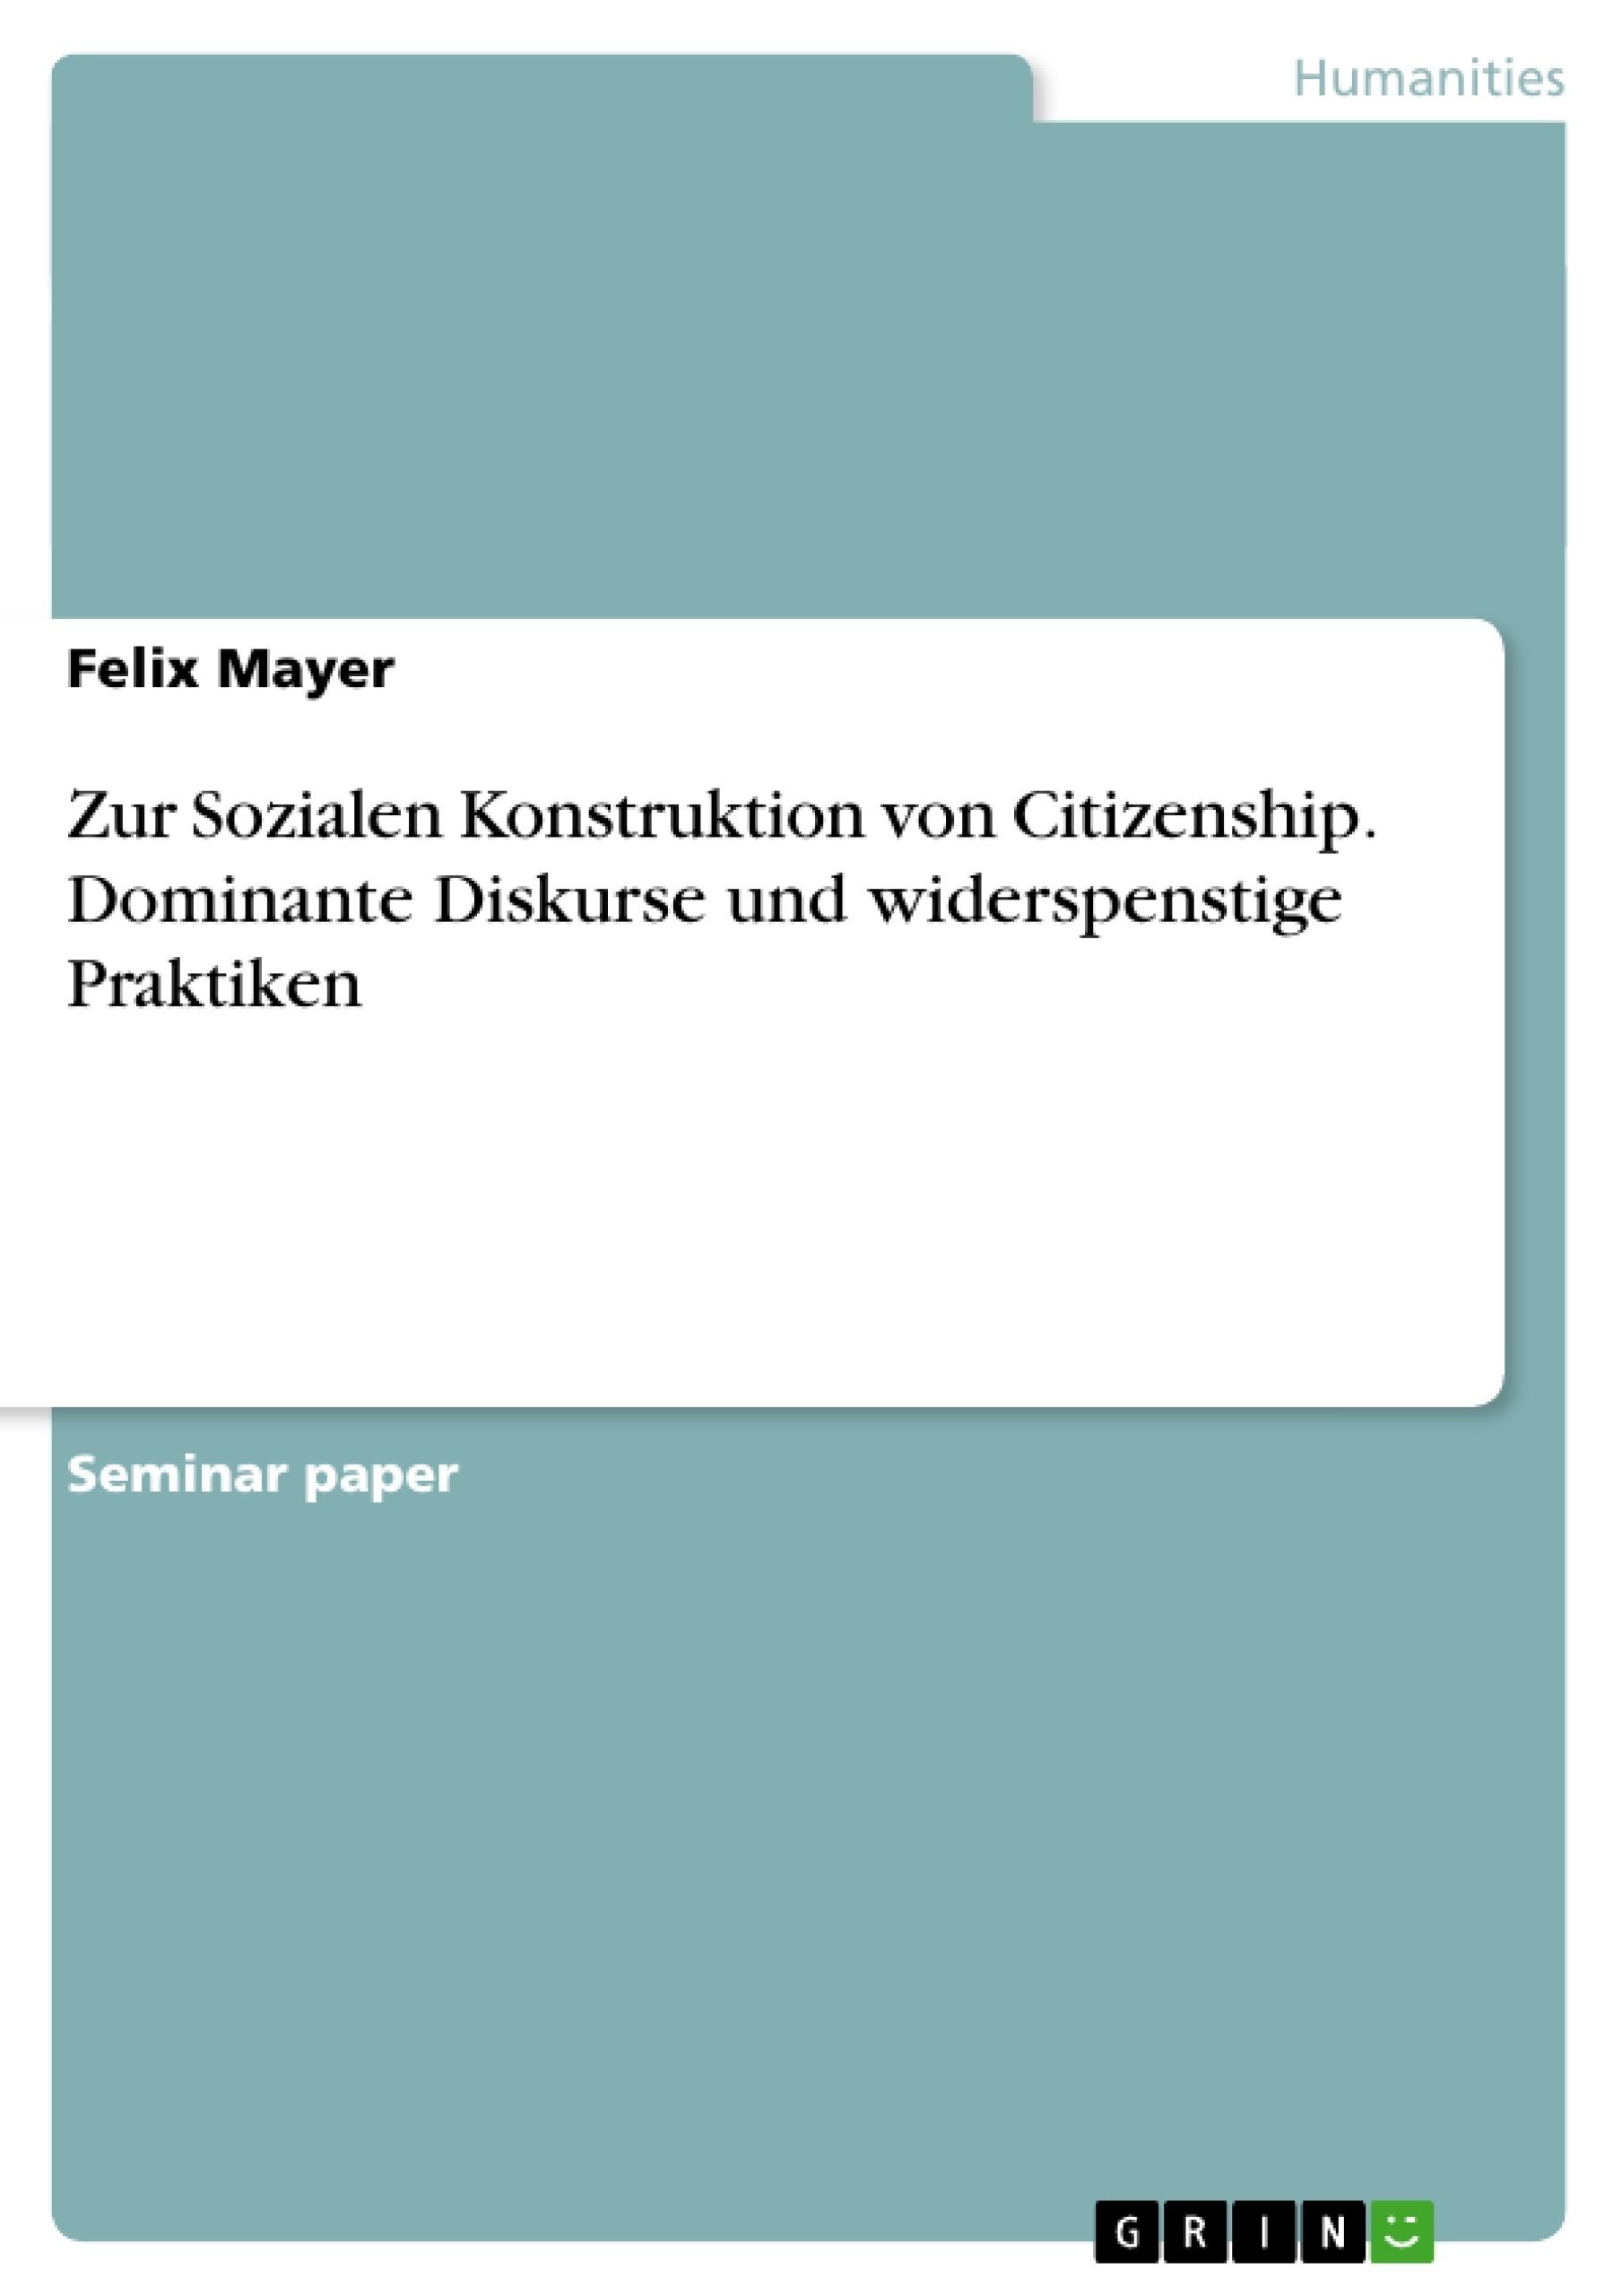 Title: Zur Sozialen Konstruktion von Citizenship. Dominante Diskurse und widerspenstige Praktiken